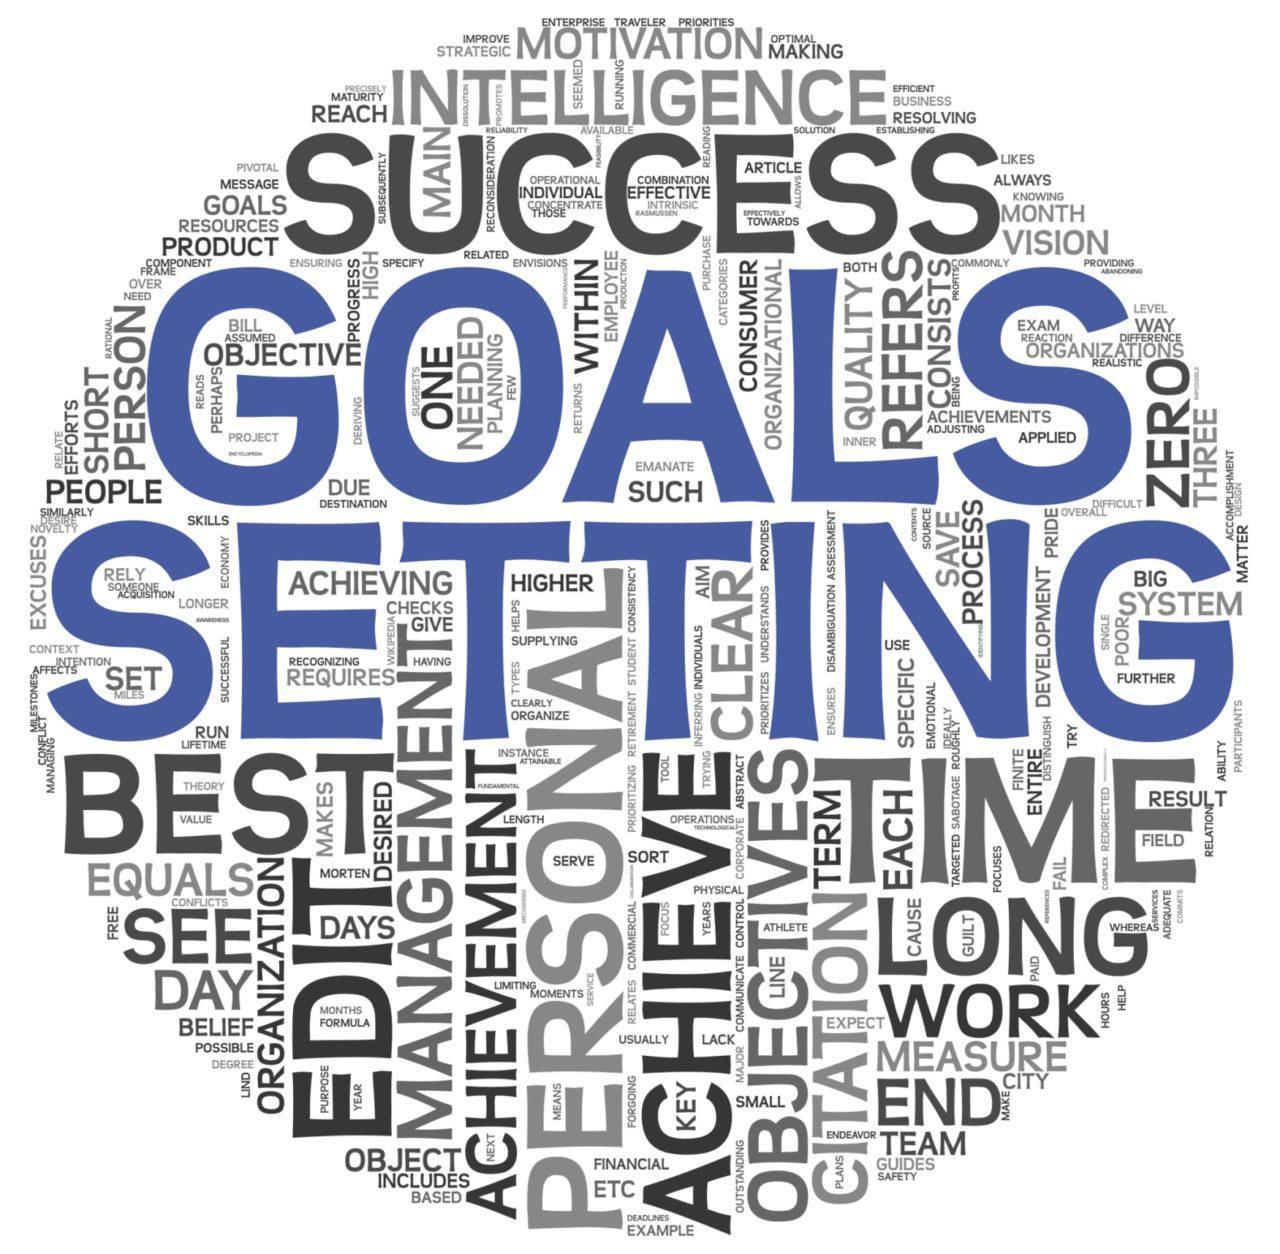 goal_setting1-1280x1254.jpg